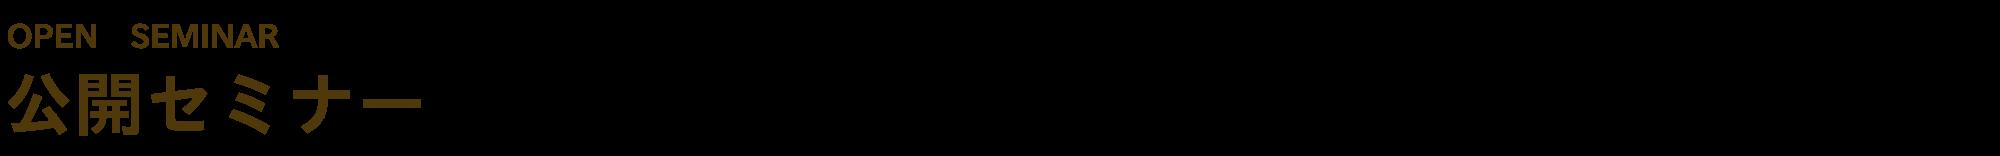 OPEN SEMINAR09